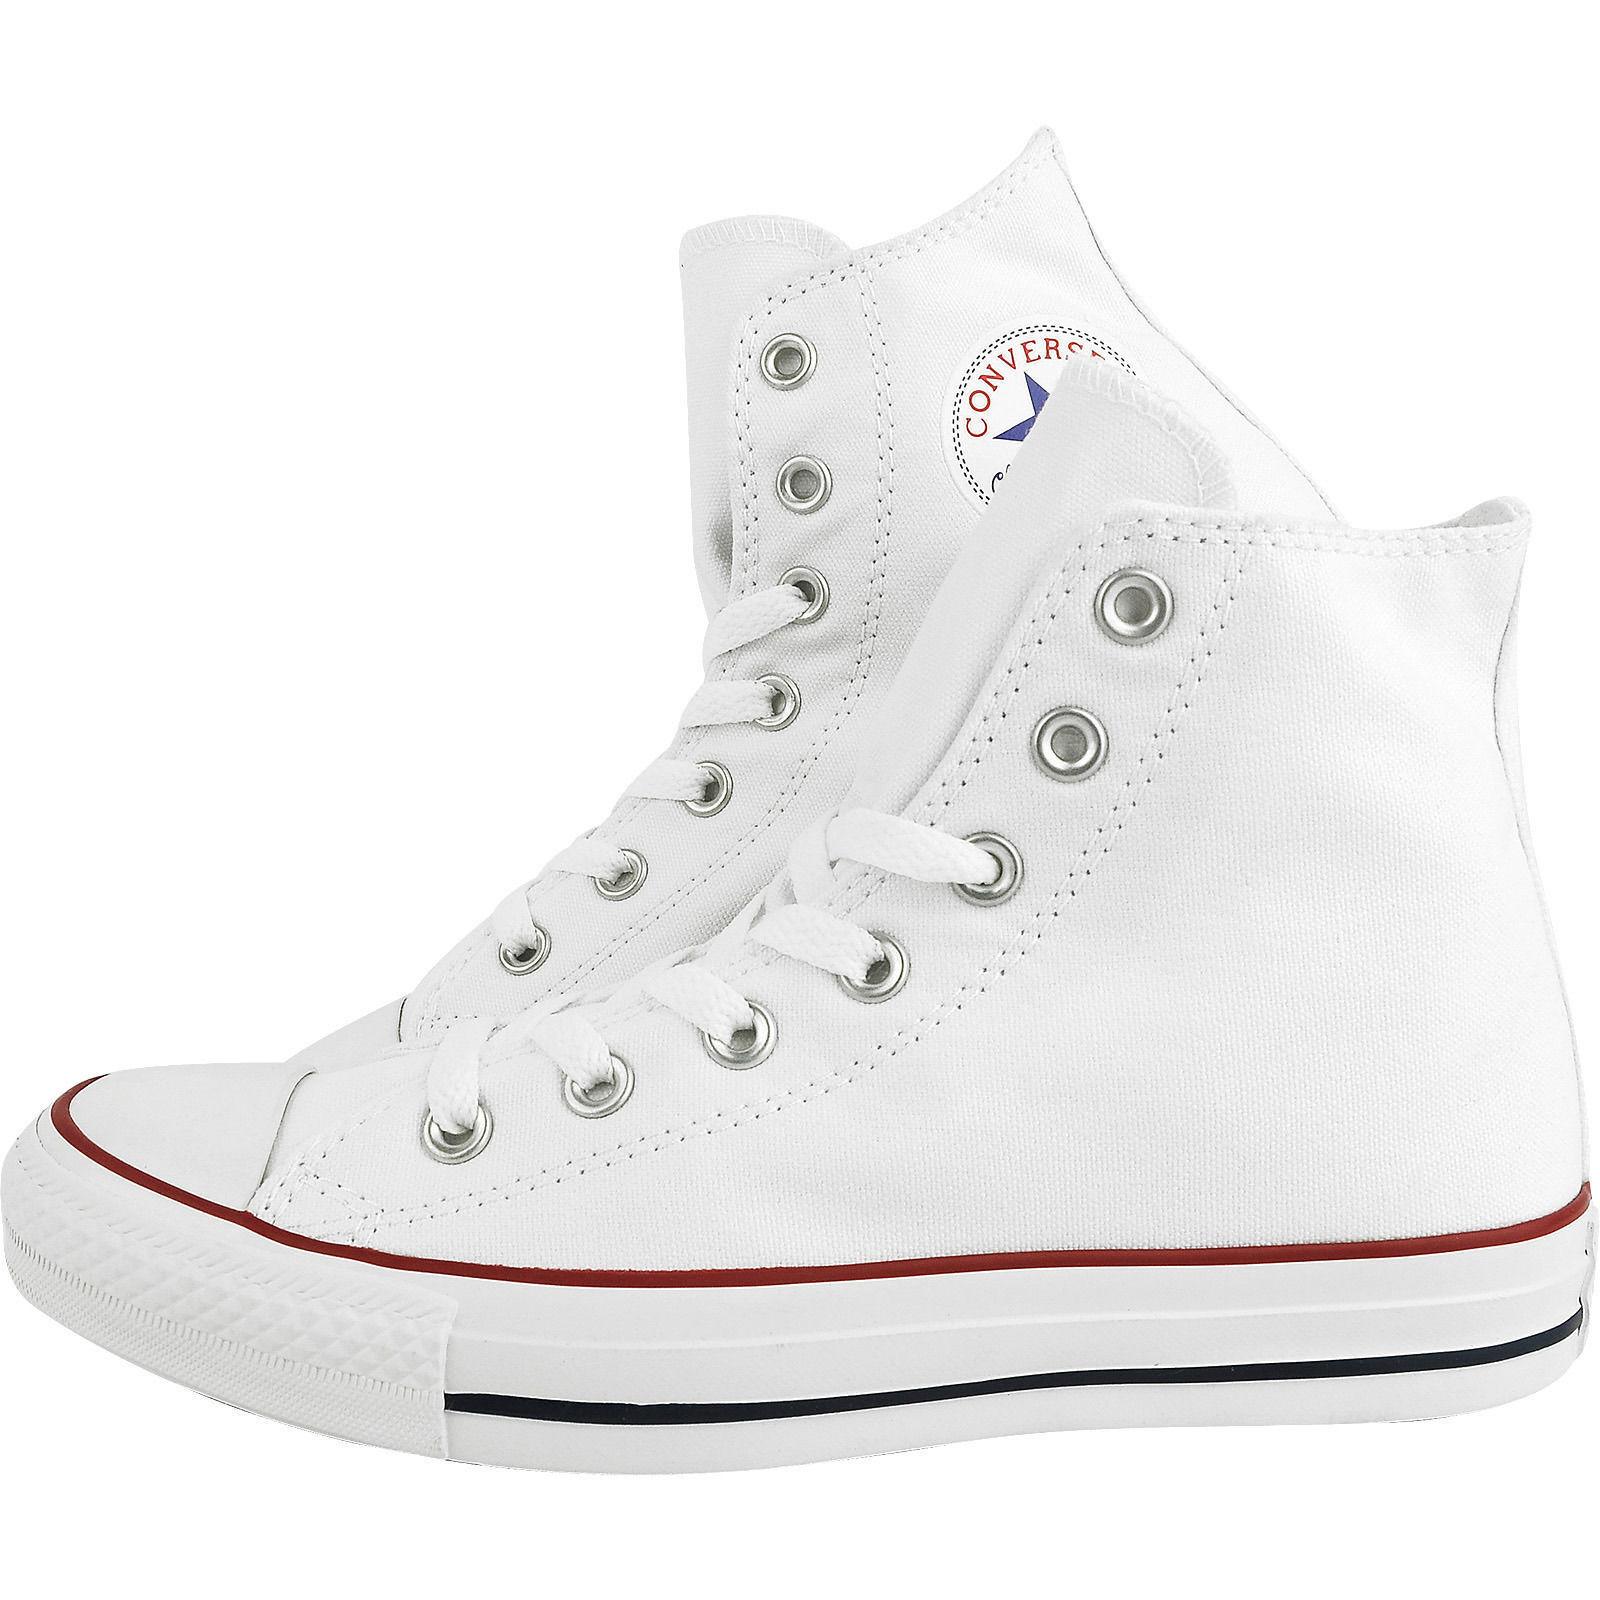 Converse Classic Chuck Taylor All Star blancoo Hi Alta m7650 Trainer zapatilla de deporte Nuevos